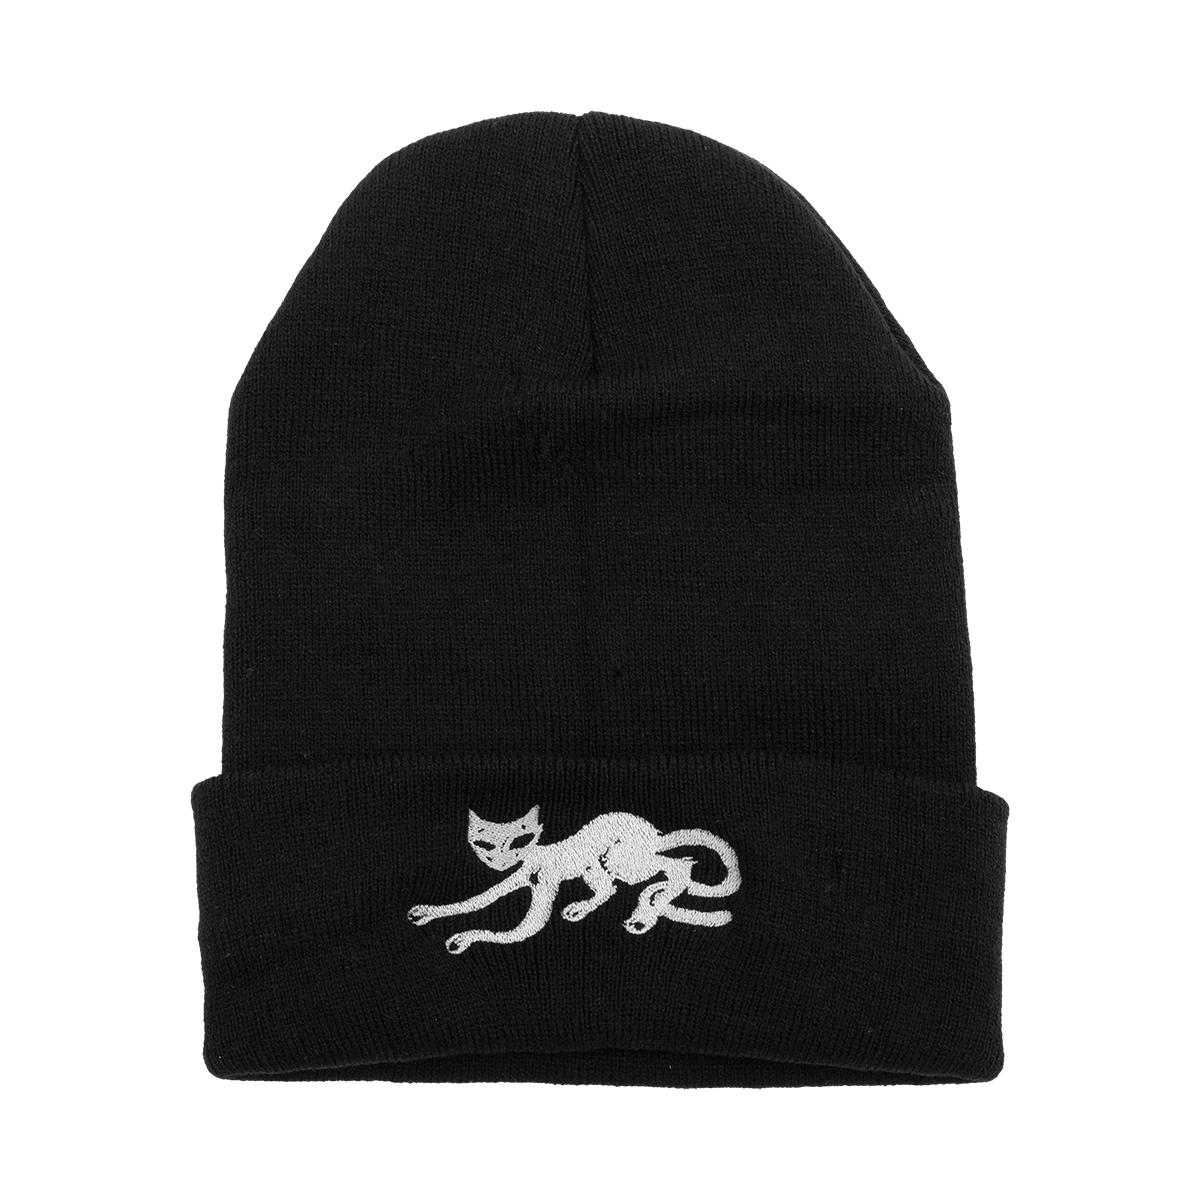 Black Catterson Knit Cap